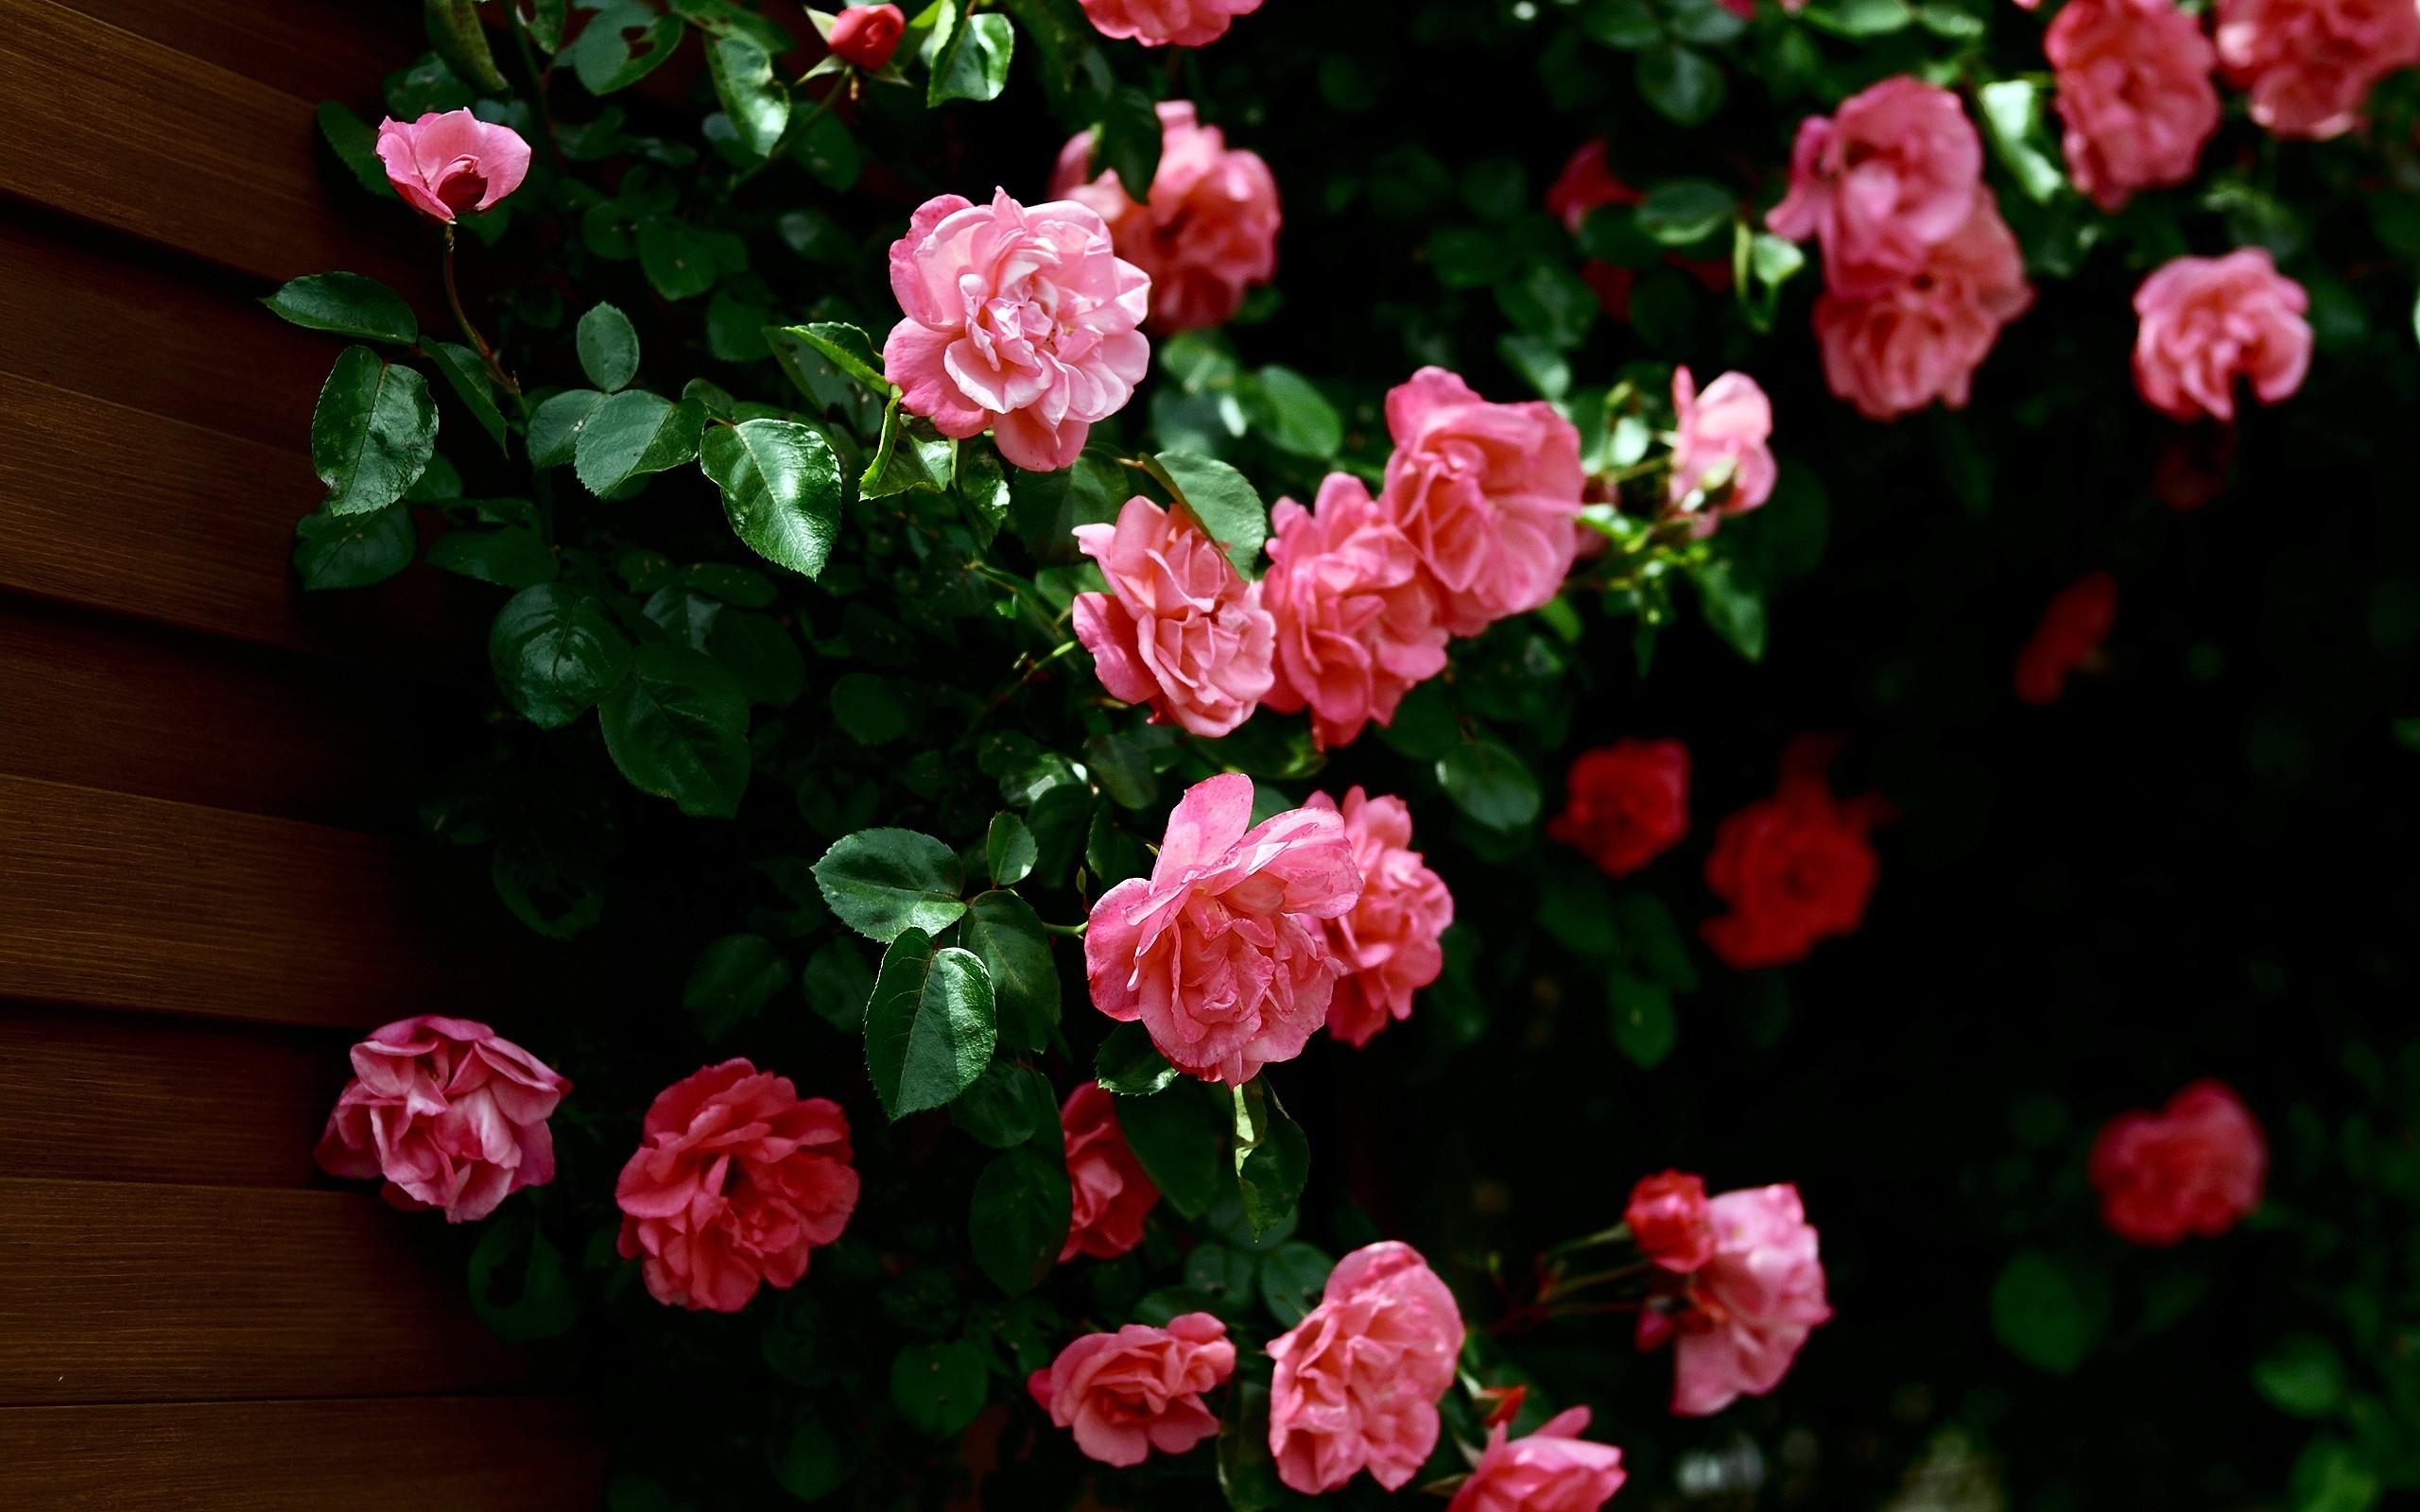 50375 Hintergrundbild herunterladen Pflanzen, Blumen, Roses - Bildschirmschoner und Bilder kostenlos